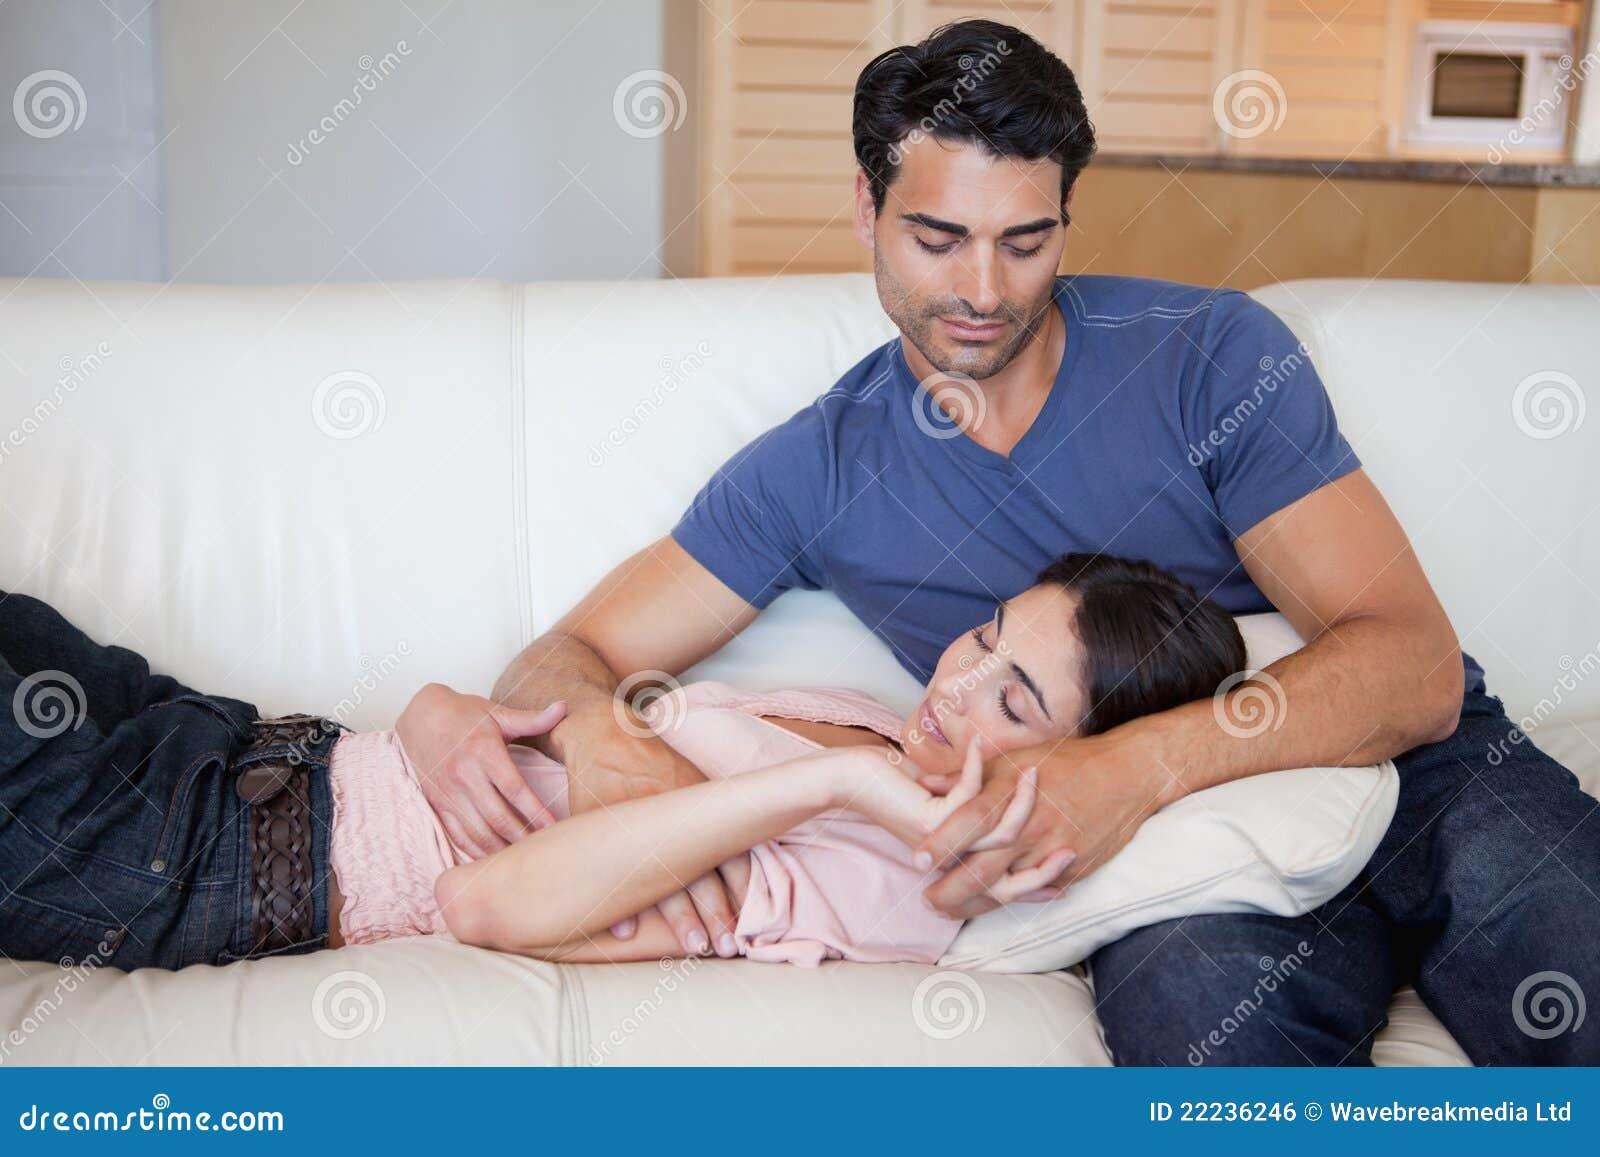 Секс с женой. Самые мощные и опасные способы улучшения ...